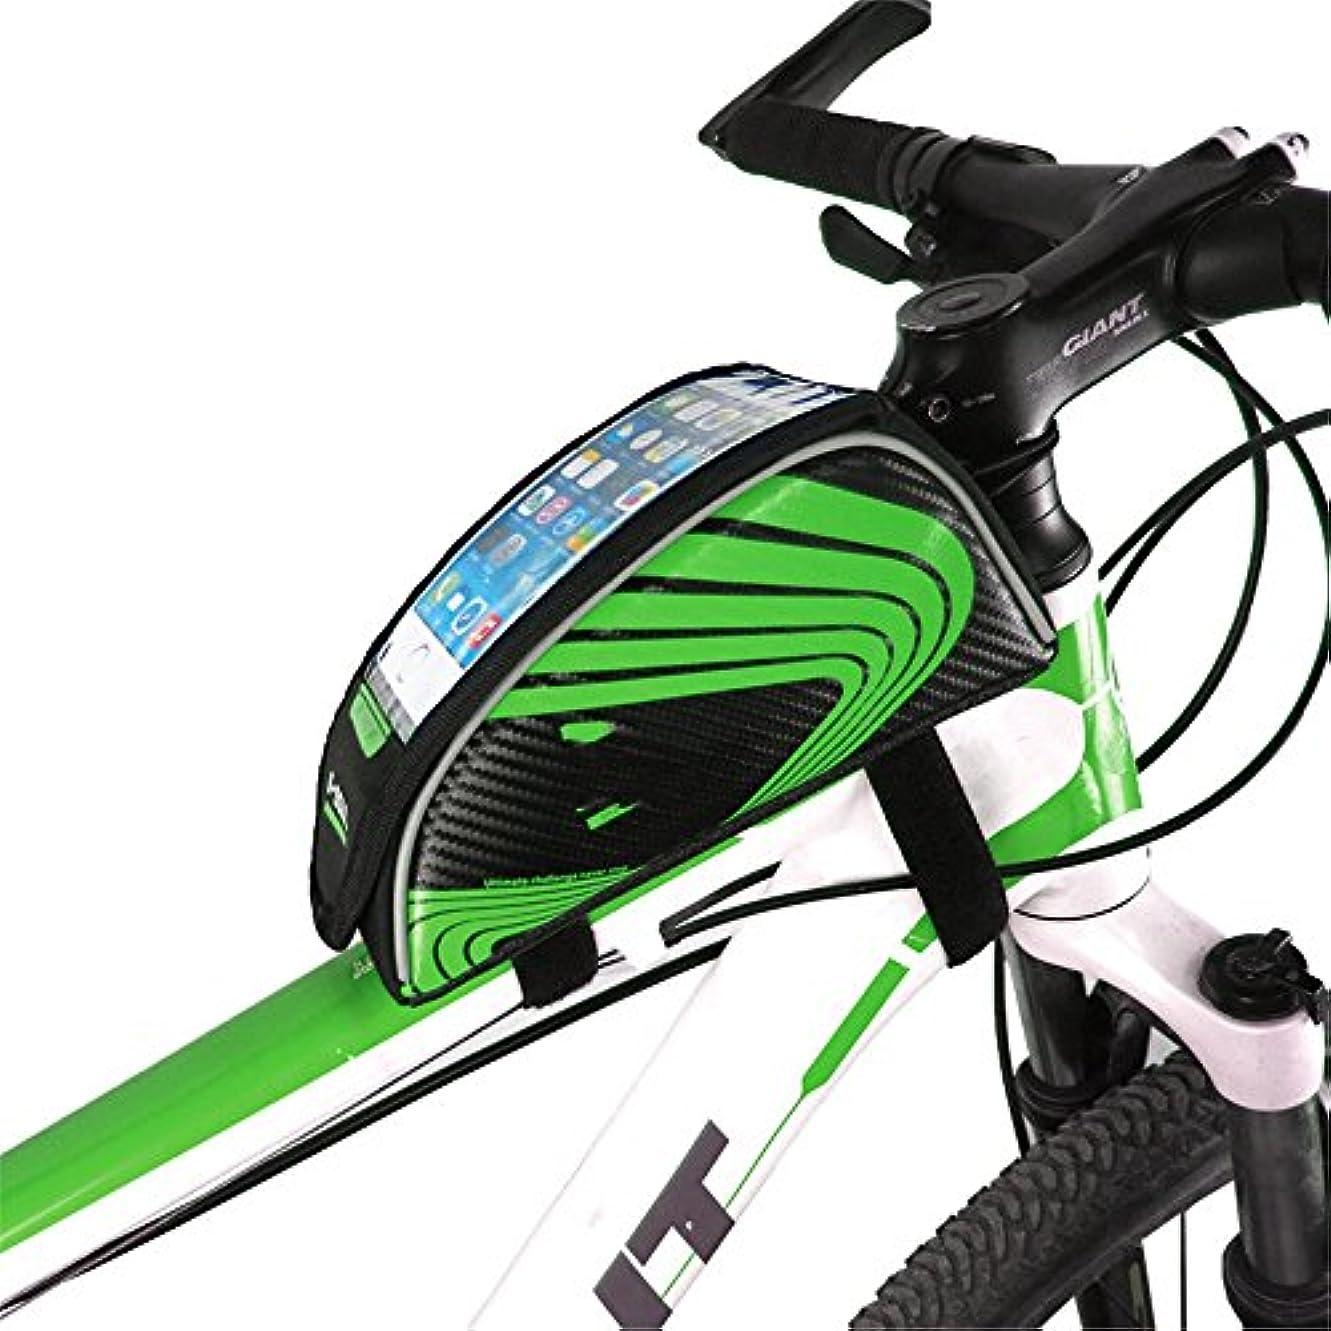 胸トリプルシェア自転車フレームバッグ アクセサリーシートポストバッグテールリアポーチバッグ自転車バッグ自転車サドルバッグ防雨MTBロードバイク 防水電話ホルダー (色 : 緑)